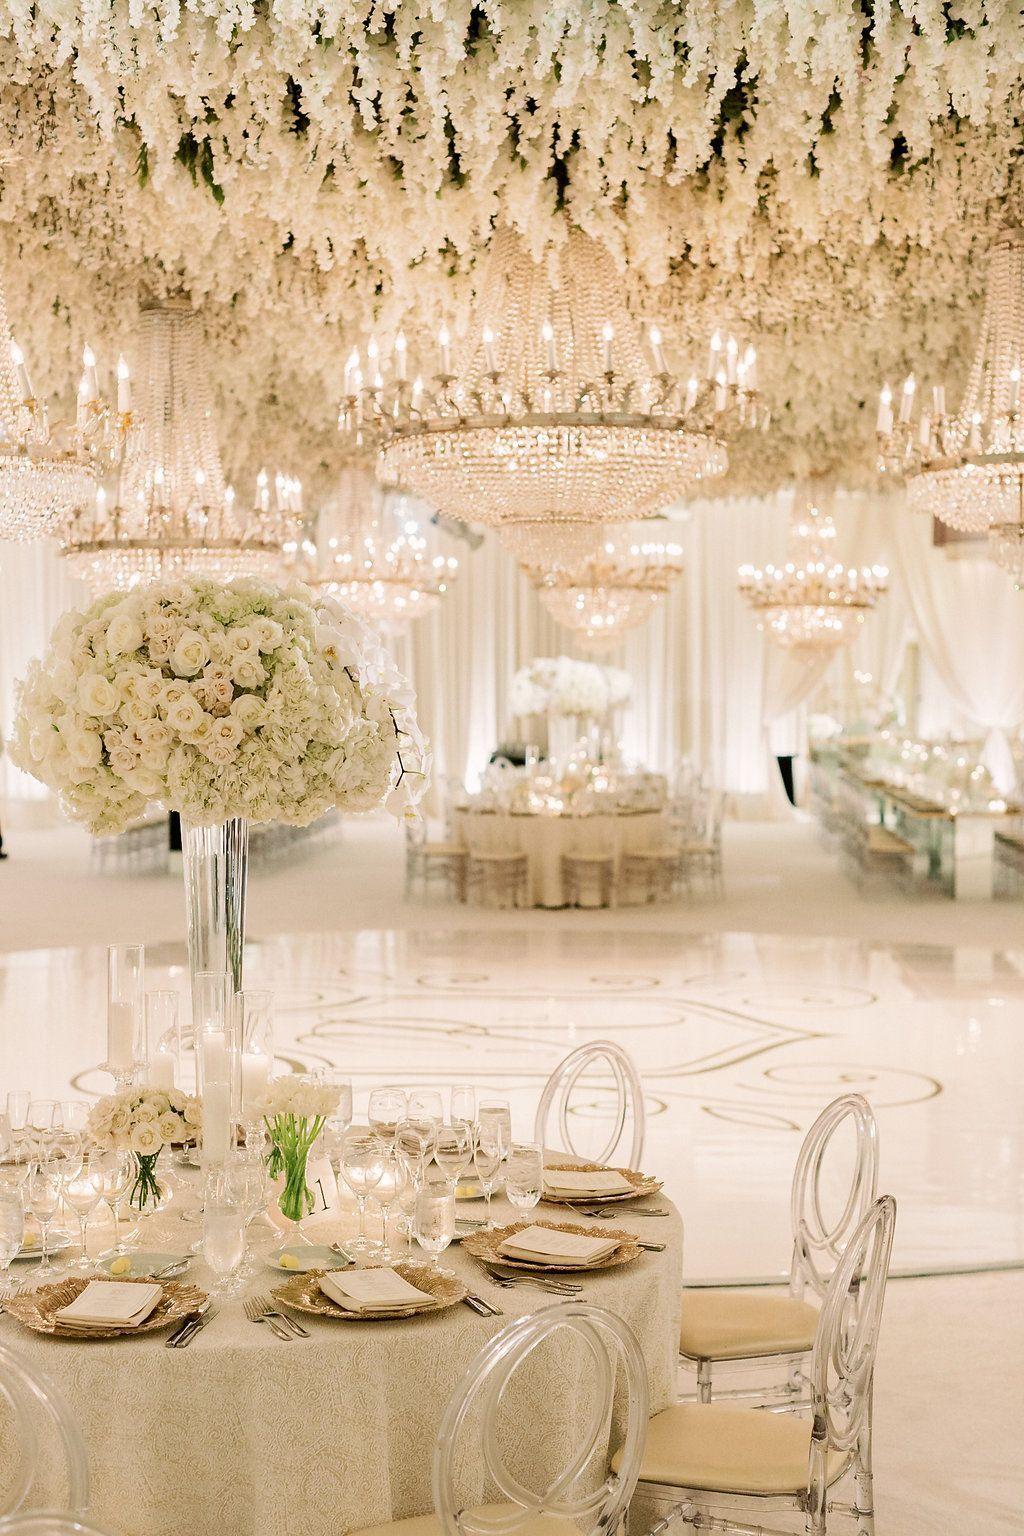 Das Ritz Carlton Laguna Niguel Hochzeit Goldwedding Aboutdetailsdetai Das Hochzeitstanzflache Hochzeitsdekoration Hochzeitsempfangsdeko